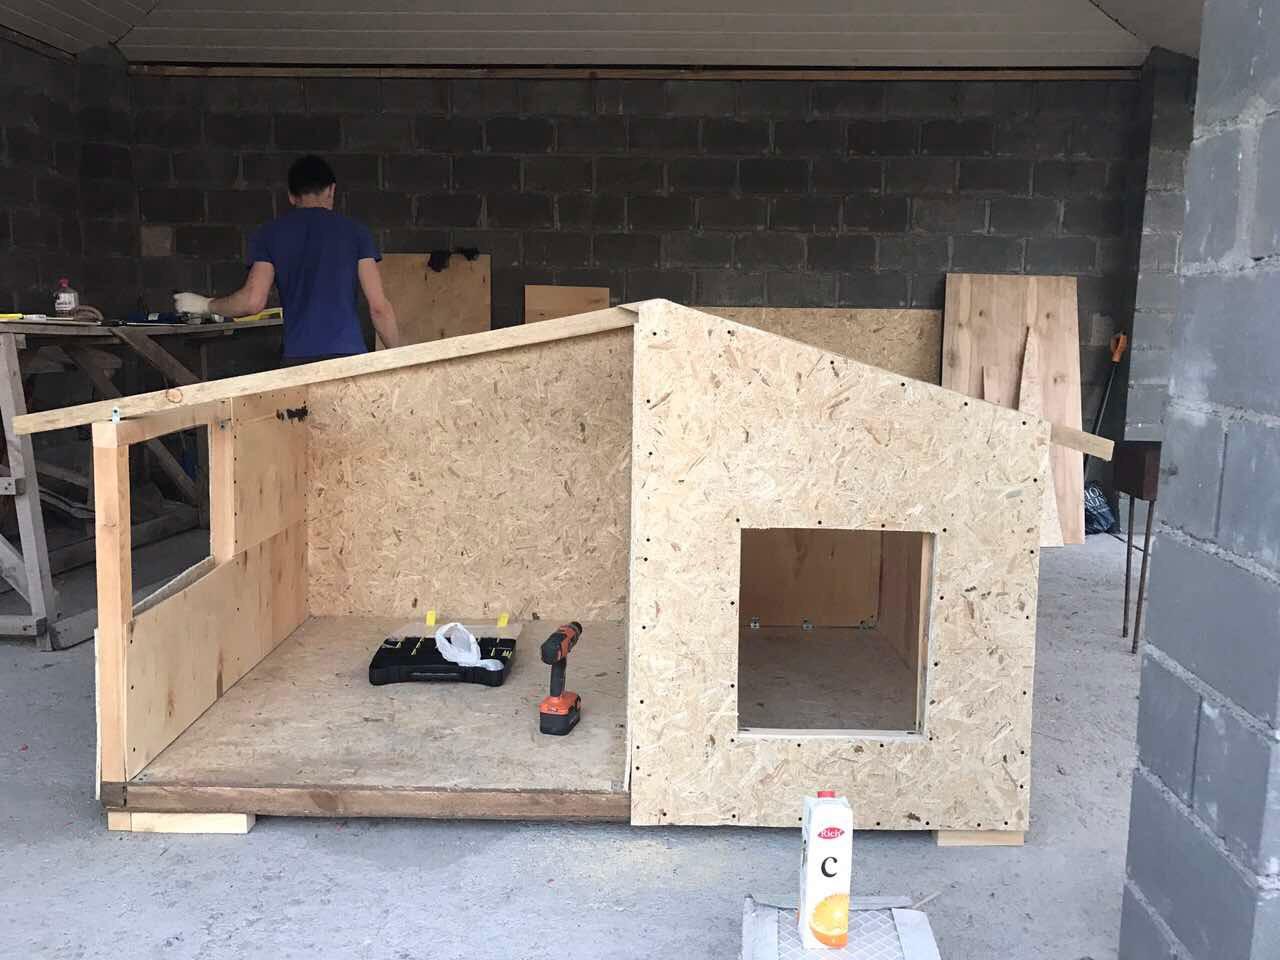 Как сделать будку для собаки: схемы, этапы работ, фото самых удачных моделей собачьих будок